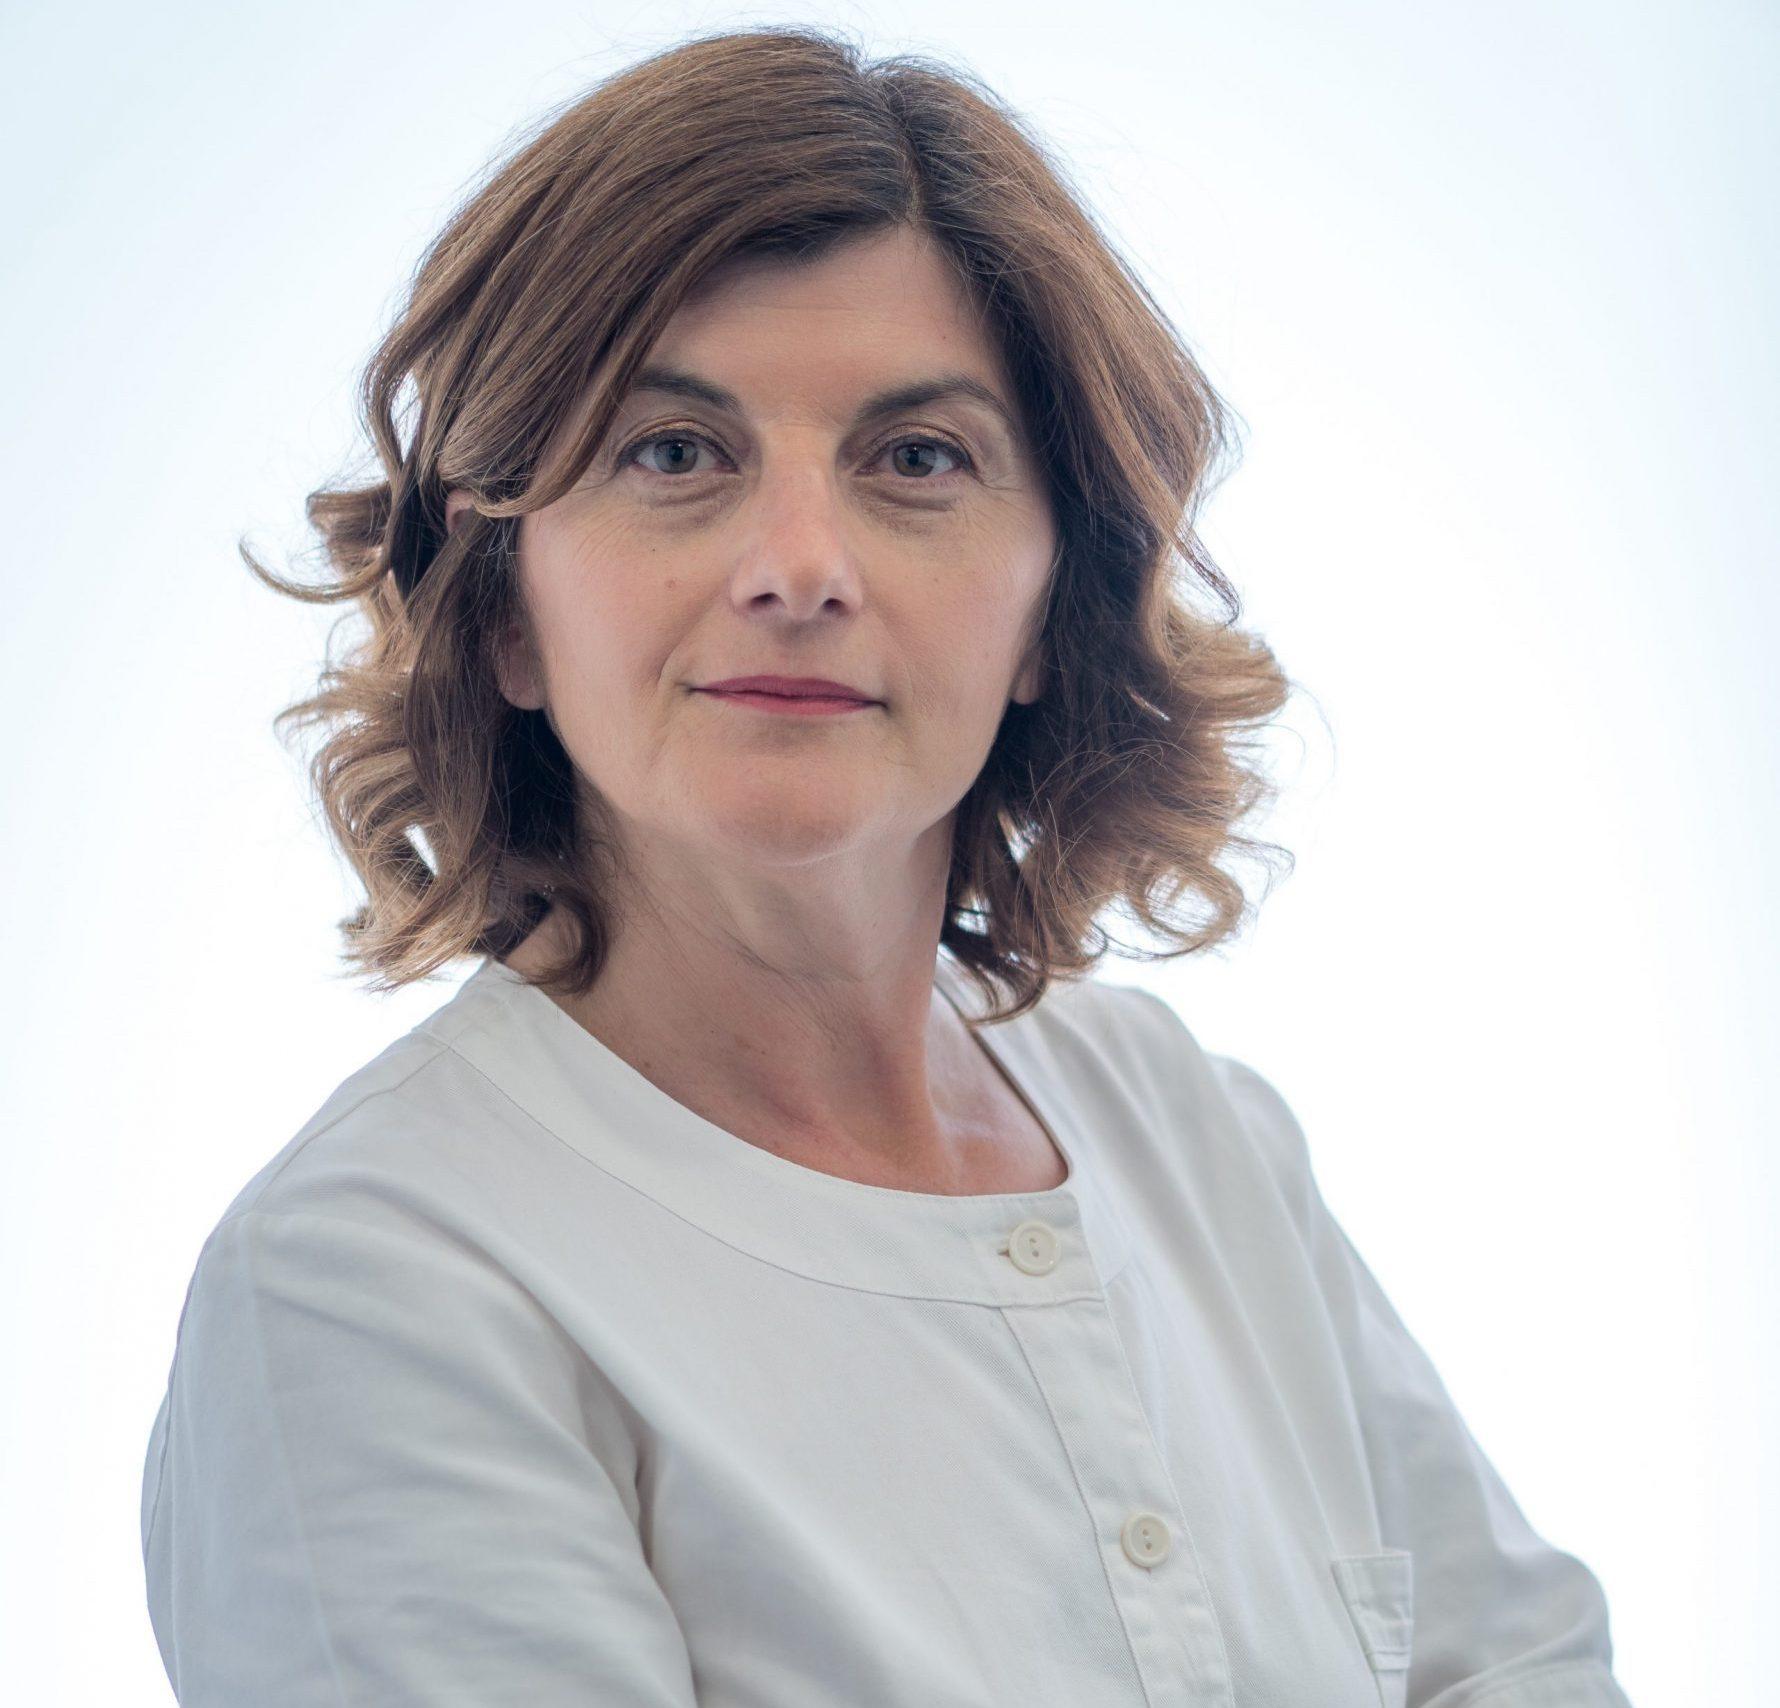 Milena Matulić